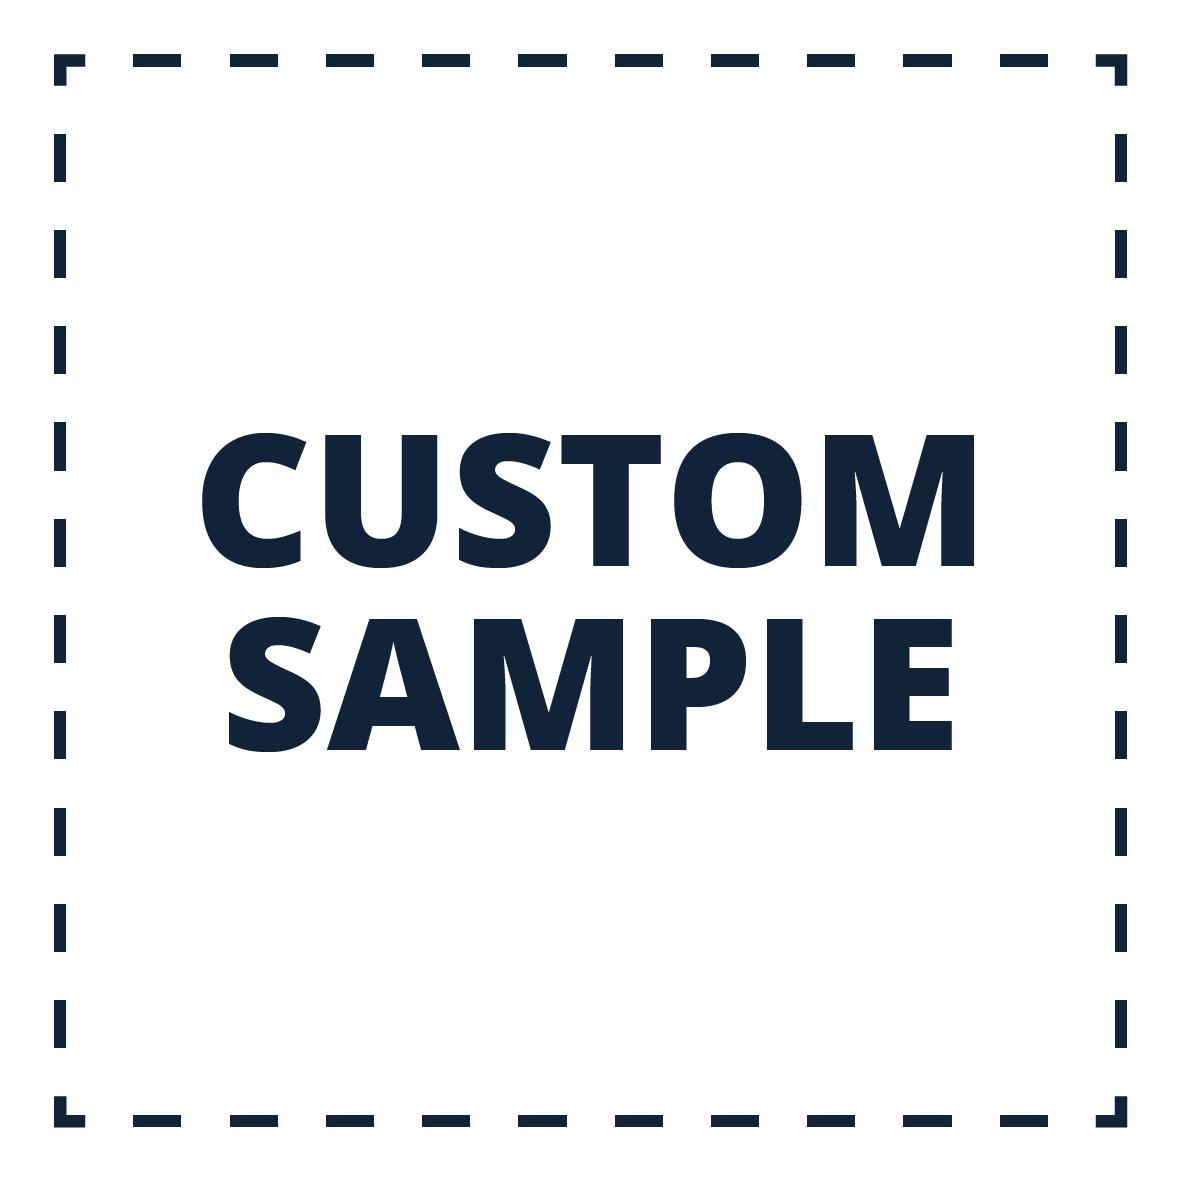 Custom Samples - £25.00 per material